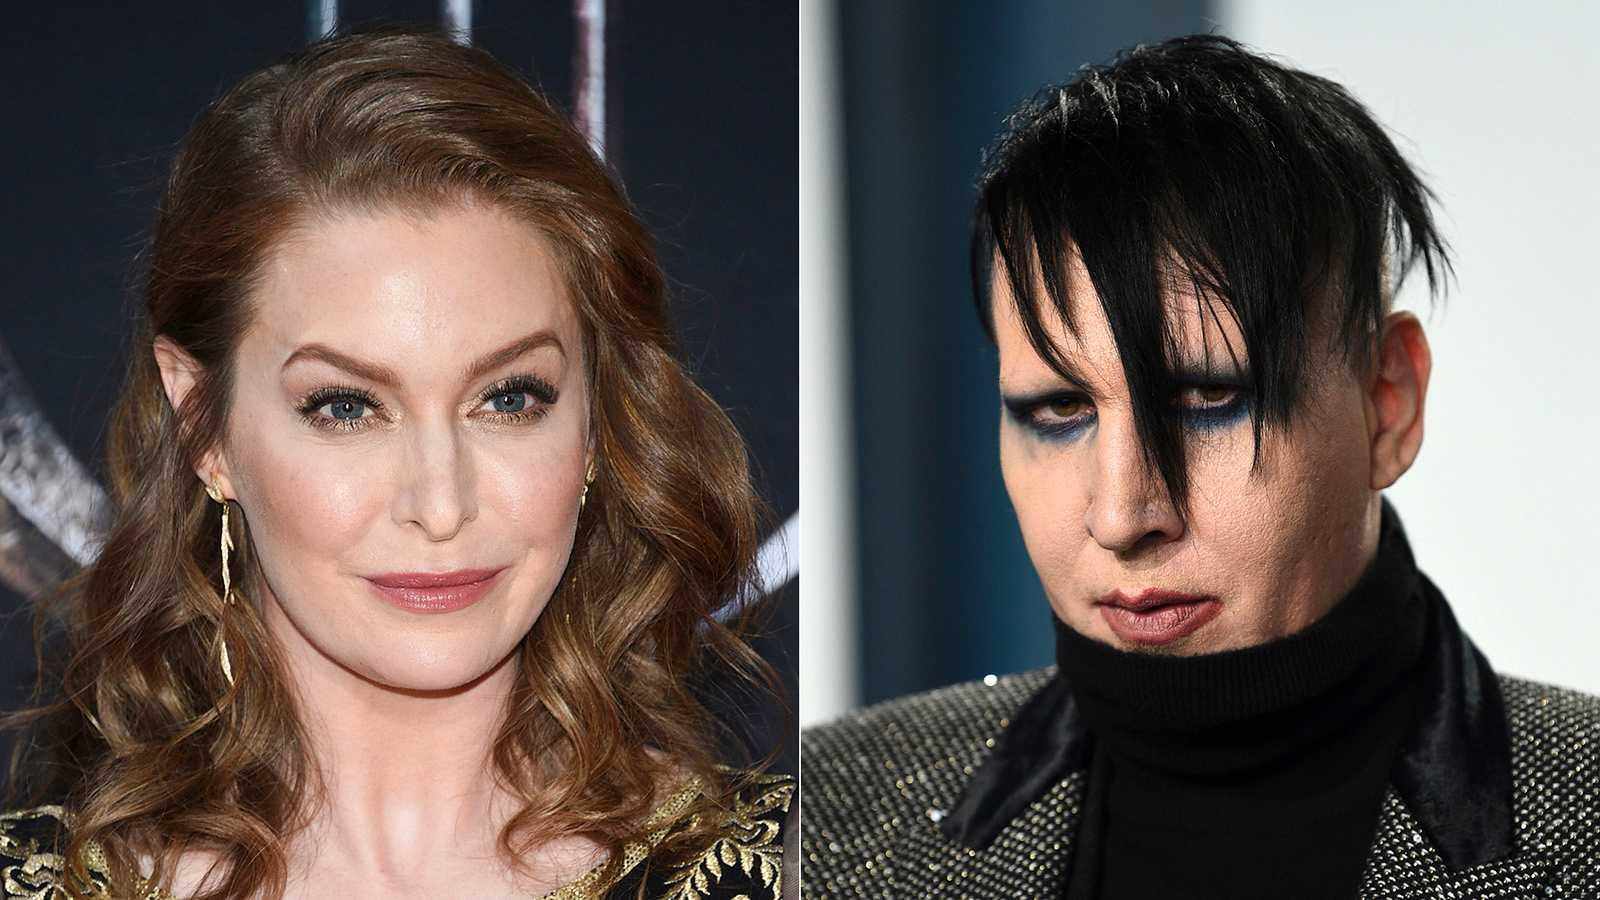 Skådespelerskan Esmé Bianco och artisten Marilyn Manson.